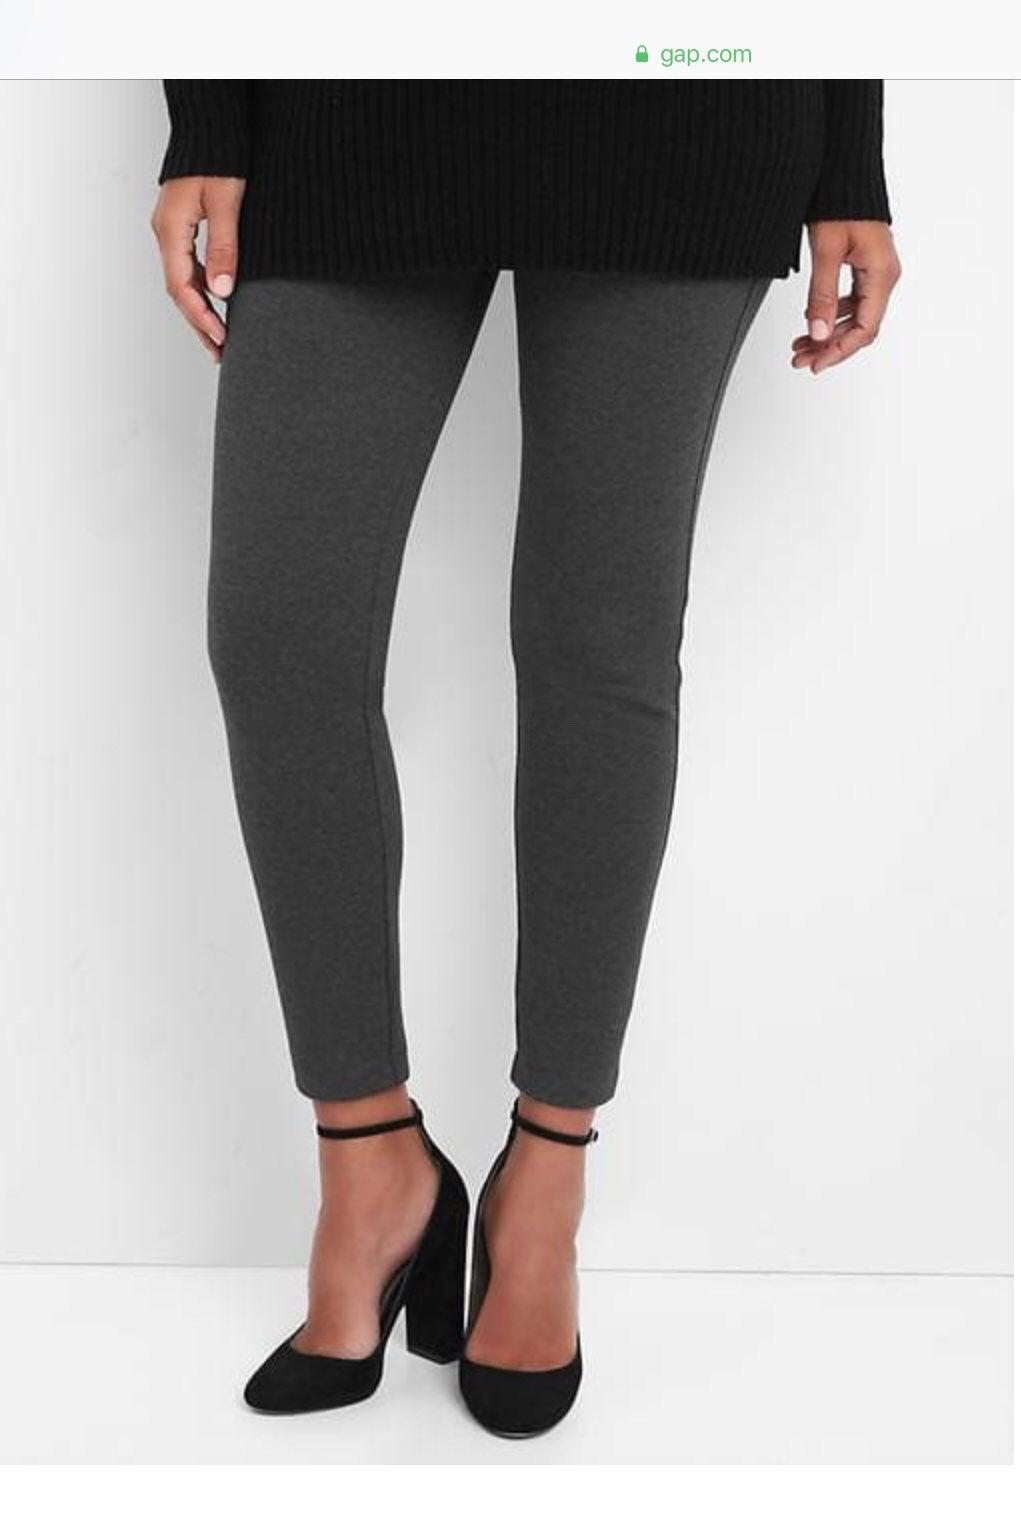 Gap Maternity Leggings Grey NWT small